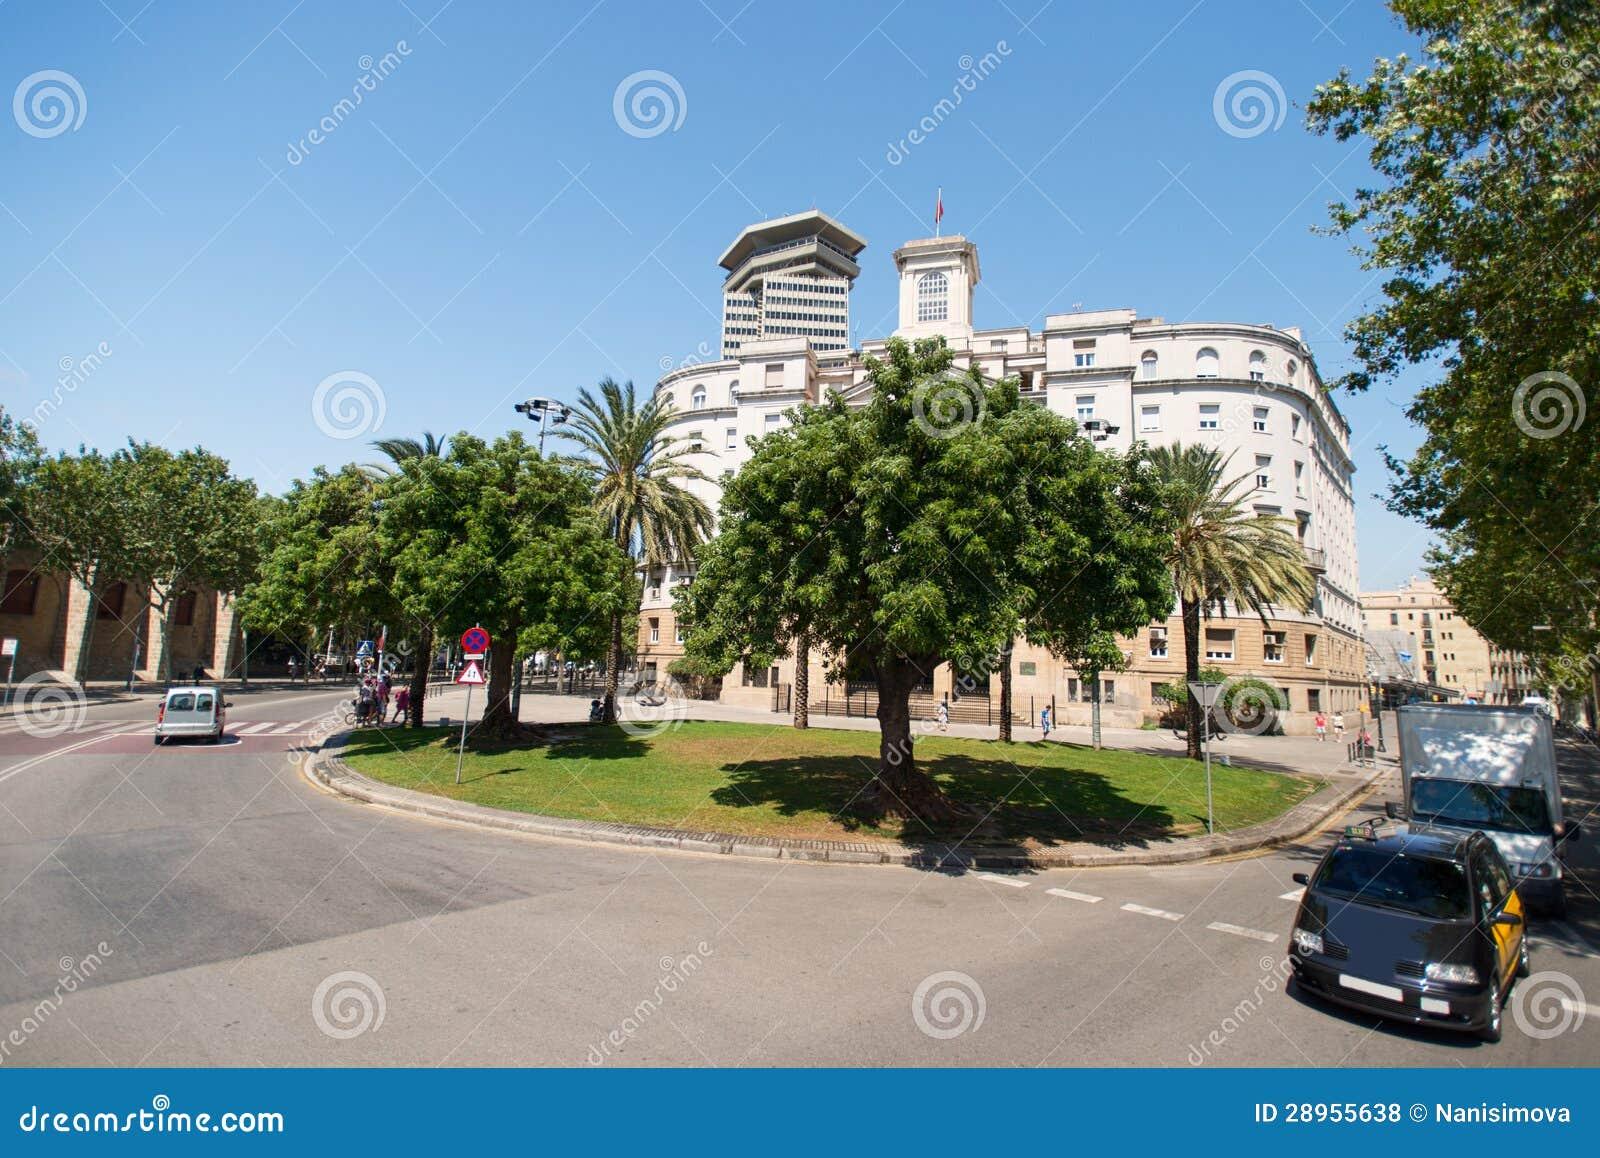 Miasto kwadrat